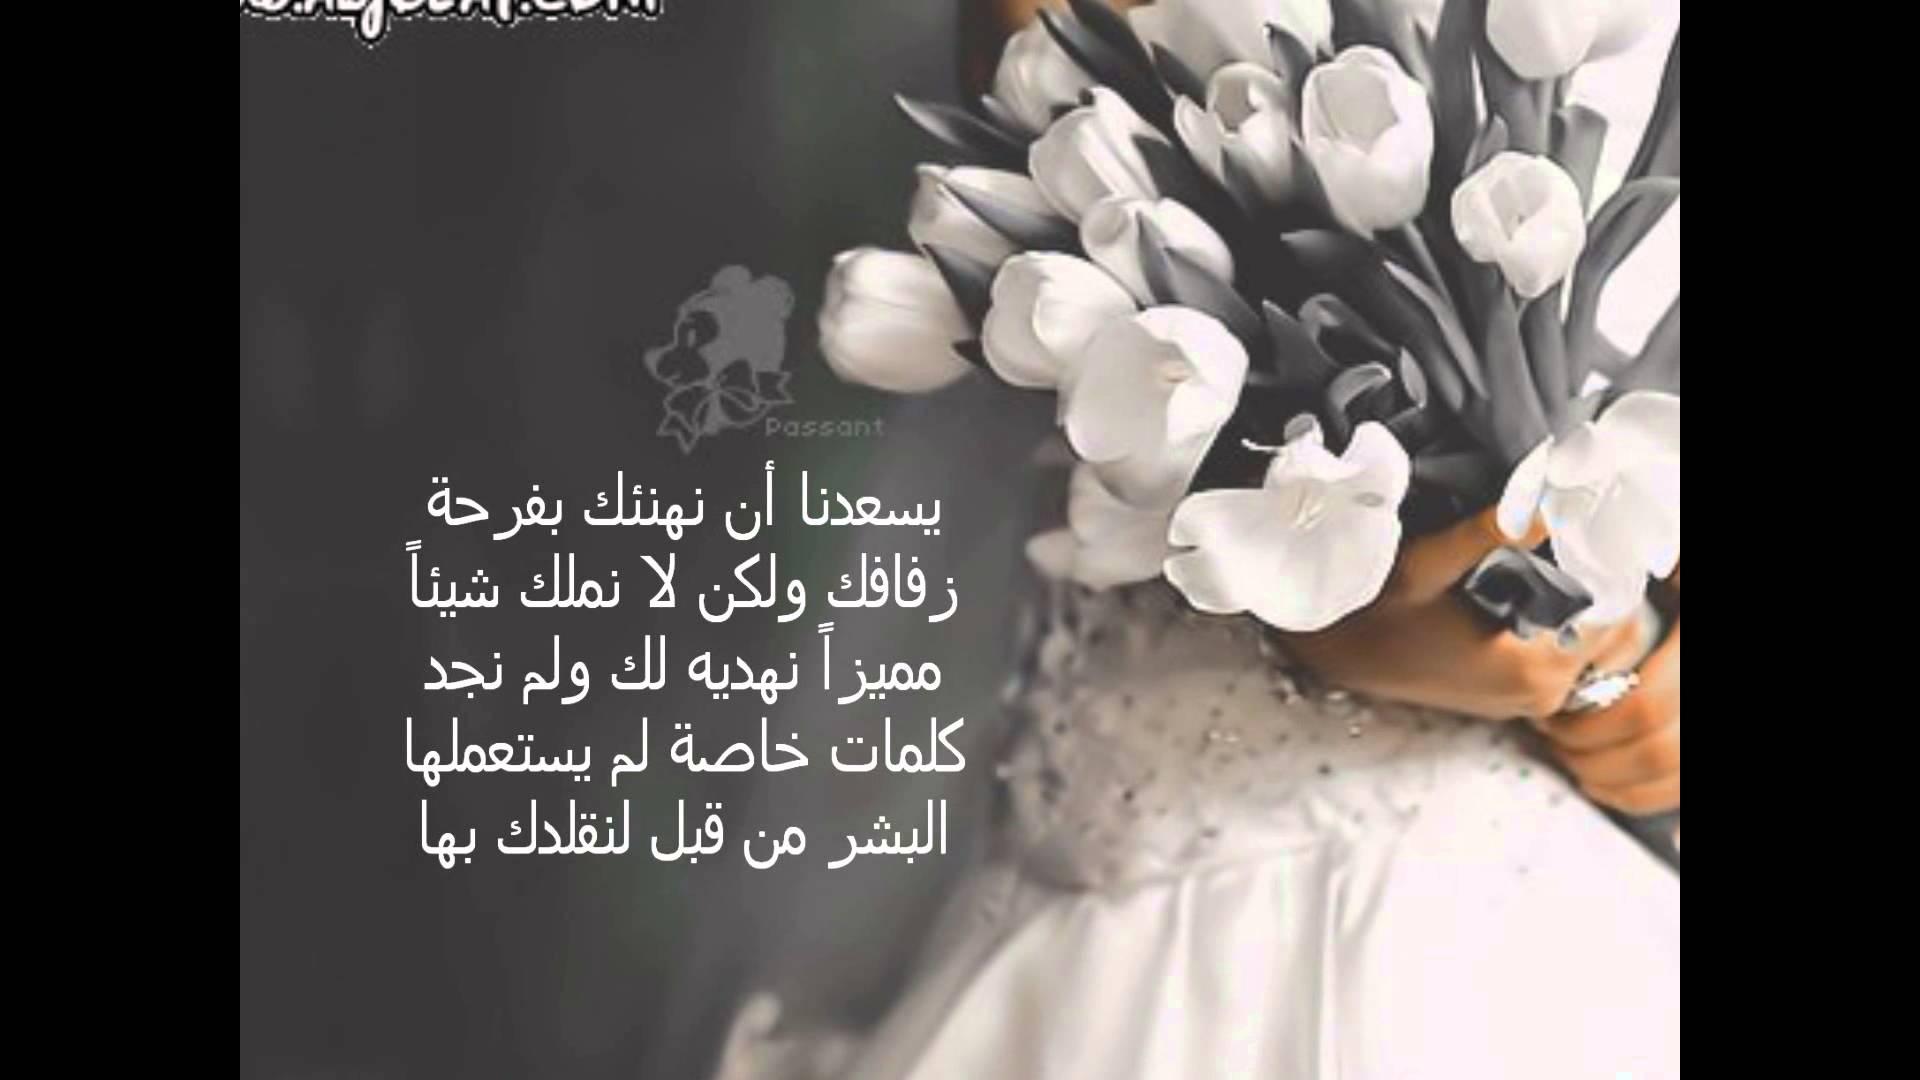 كلام لصاحبتي العروس , رساله الى صديقتي العروس